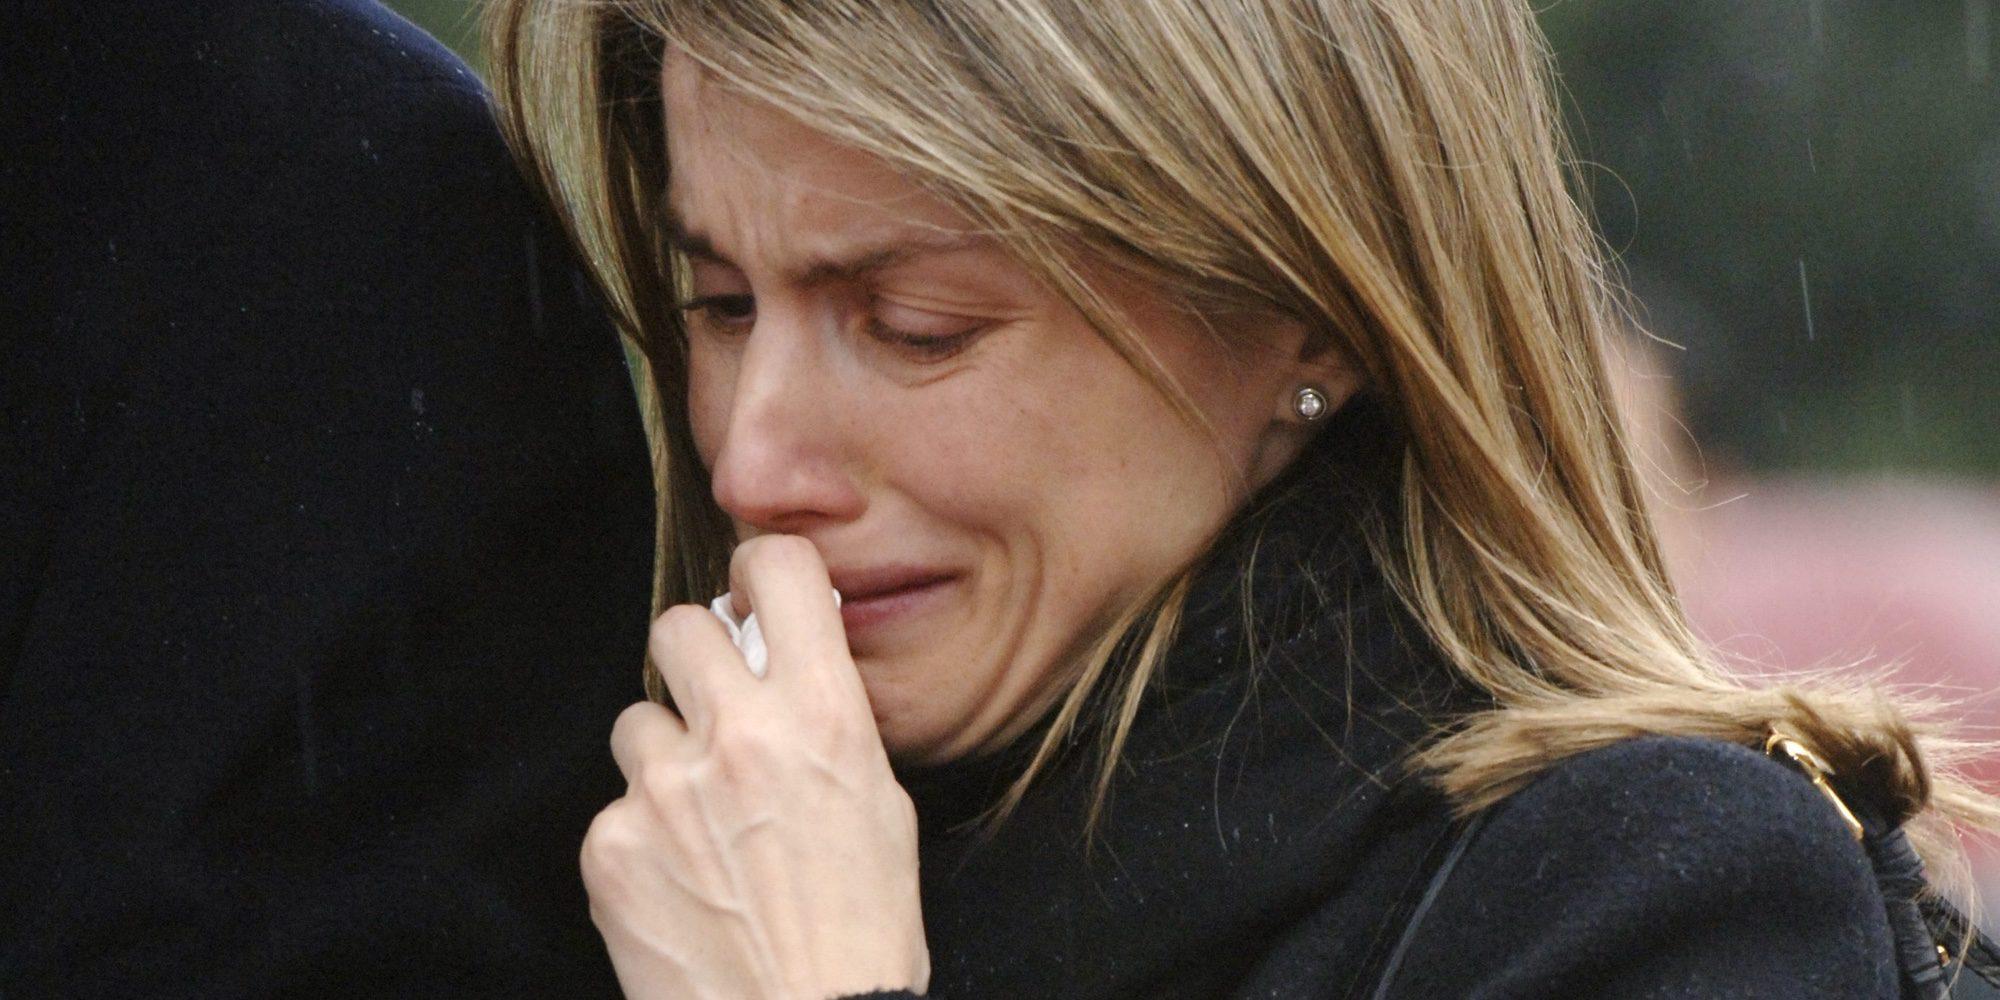 Erika Ortiz Rocasolano, la muerte que provocó las lágrimas públicas de Letizia y el enfrentamiento familiar